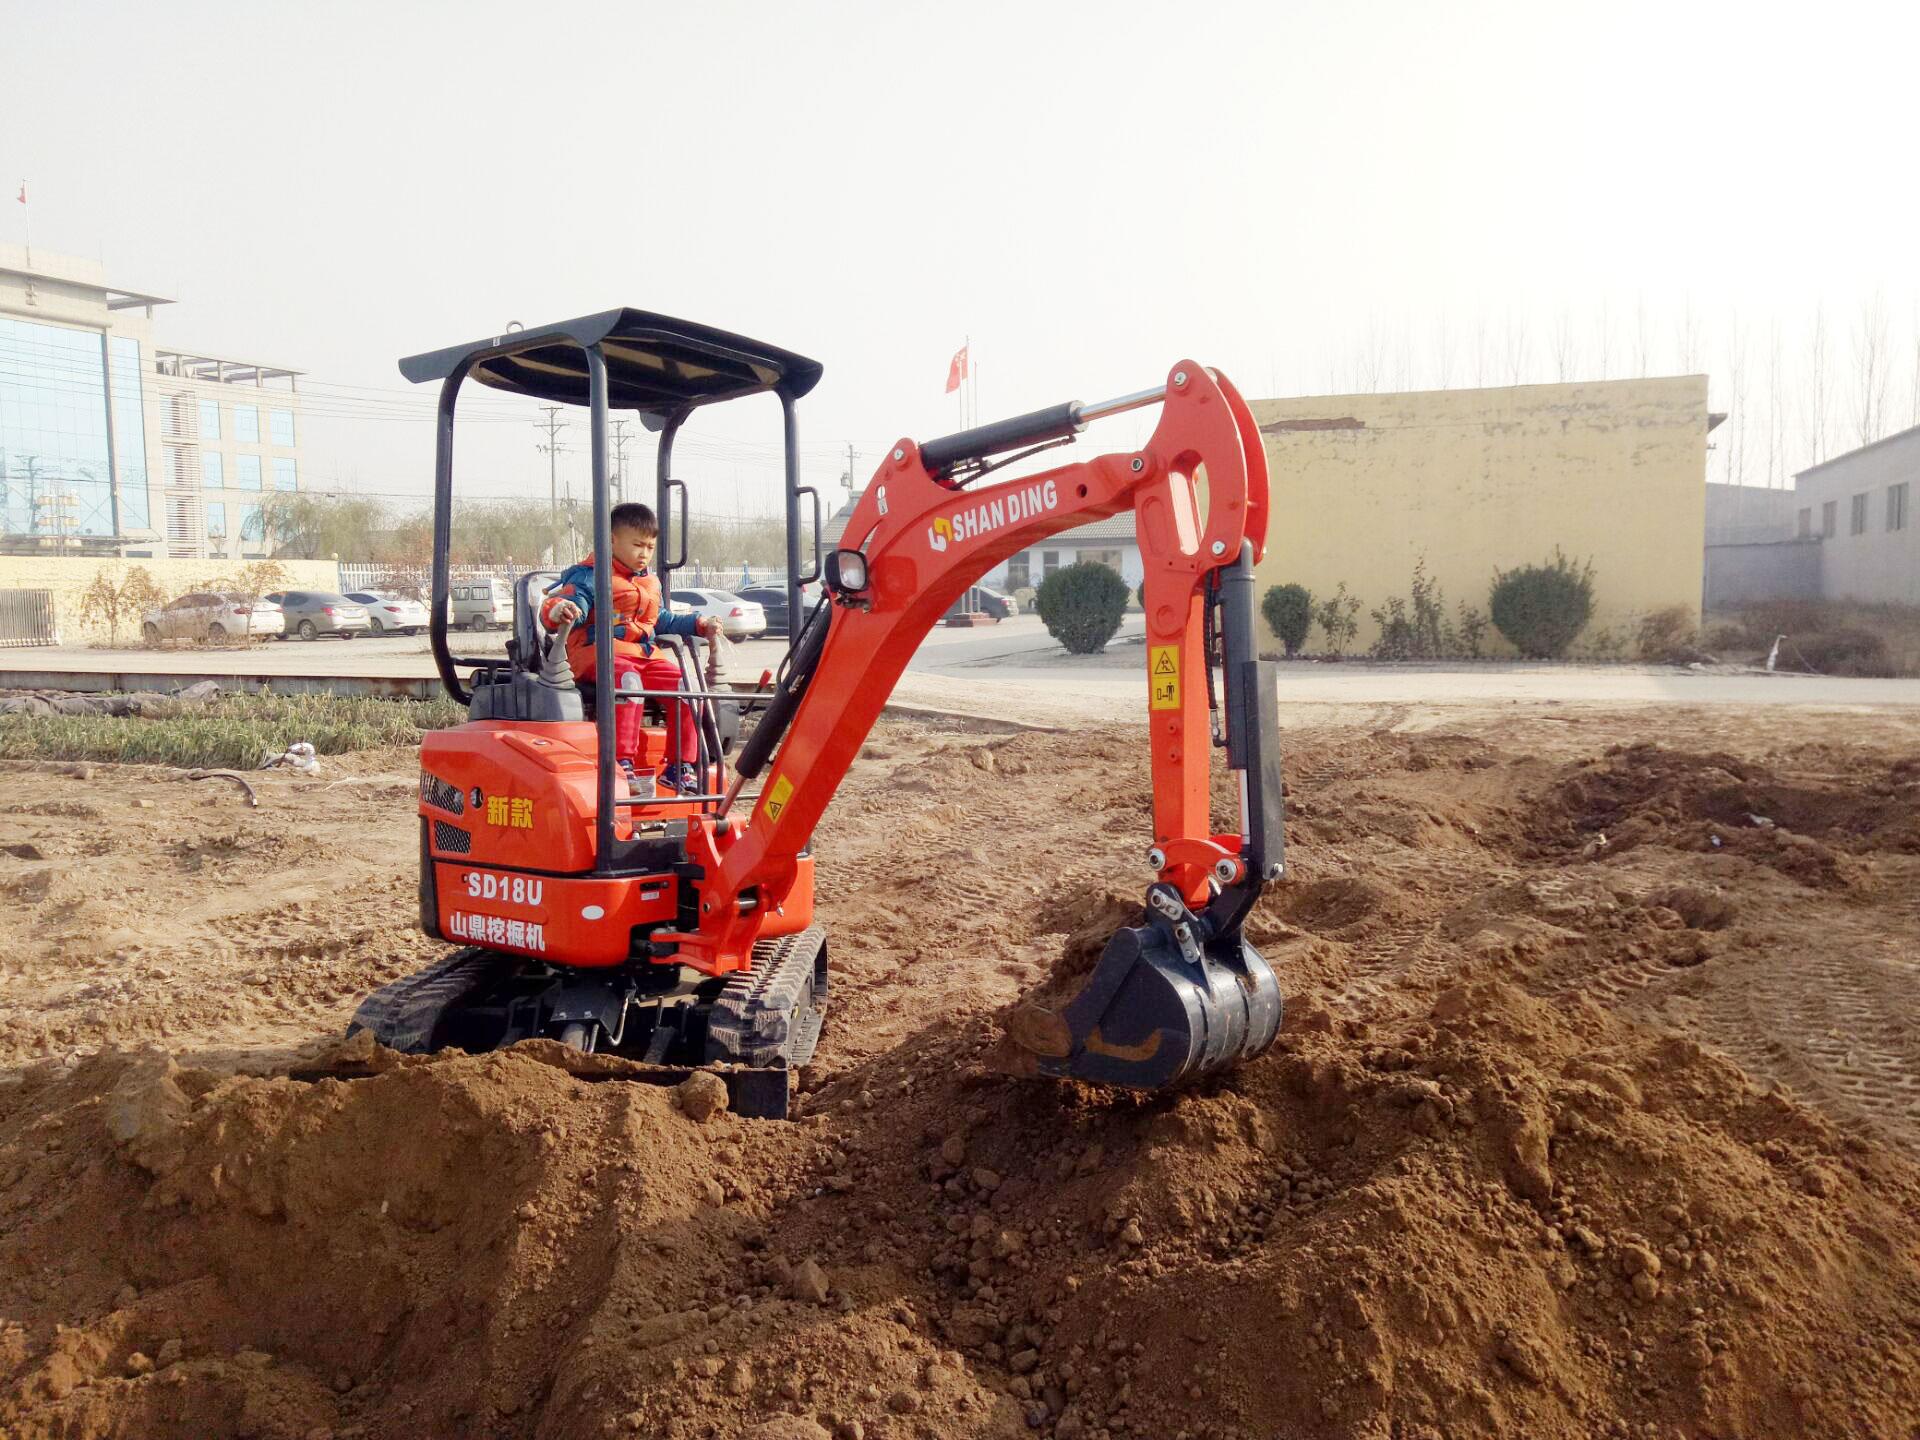 几岁小孩童上手操作使用SD18U小挖机